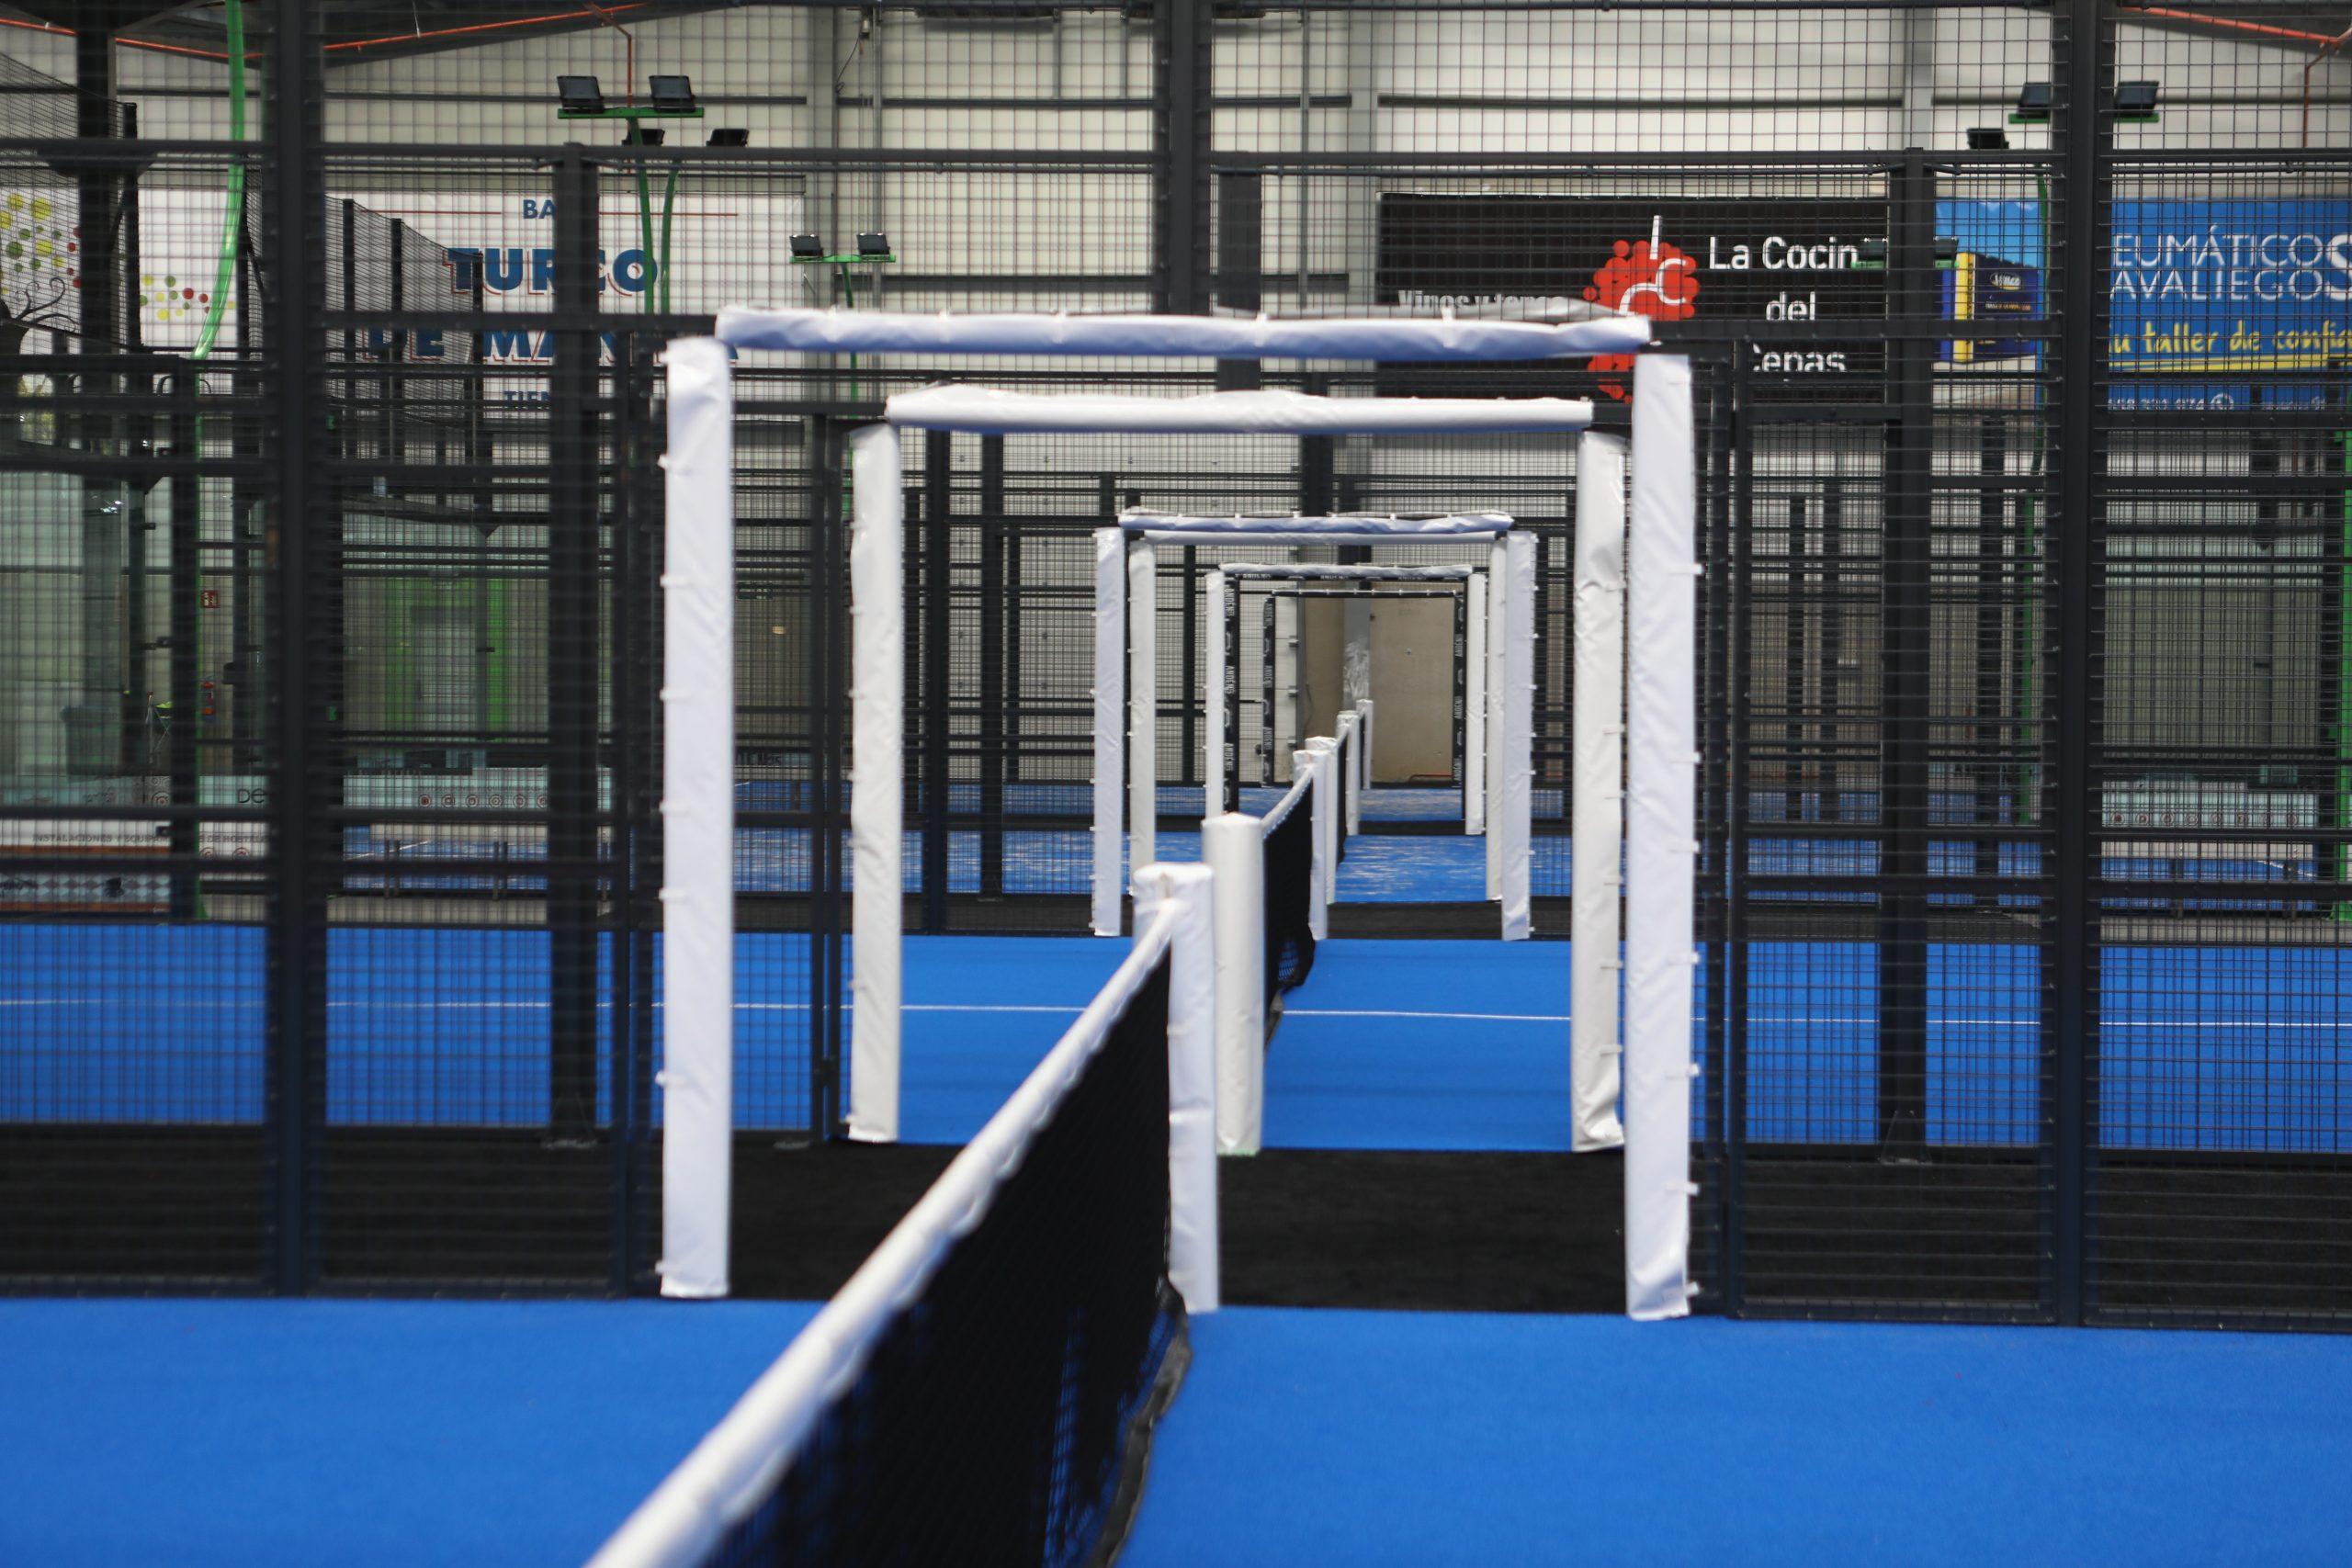 Abre en Bembibre DST Sport, un centro de práctica de pádel de alto rendimiento 11